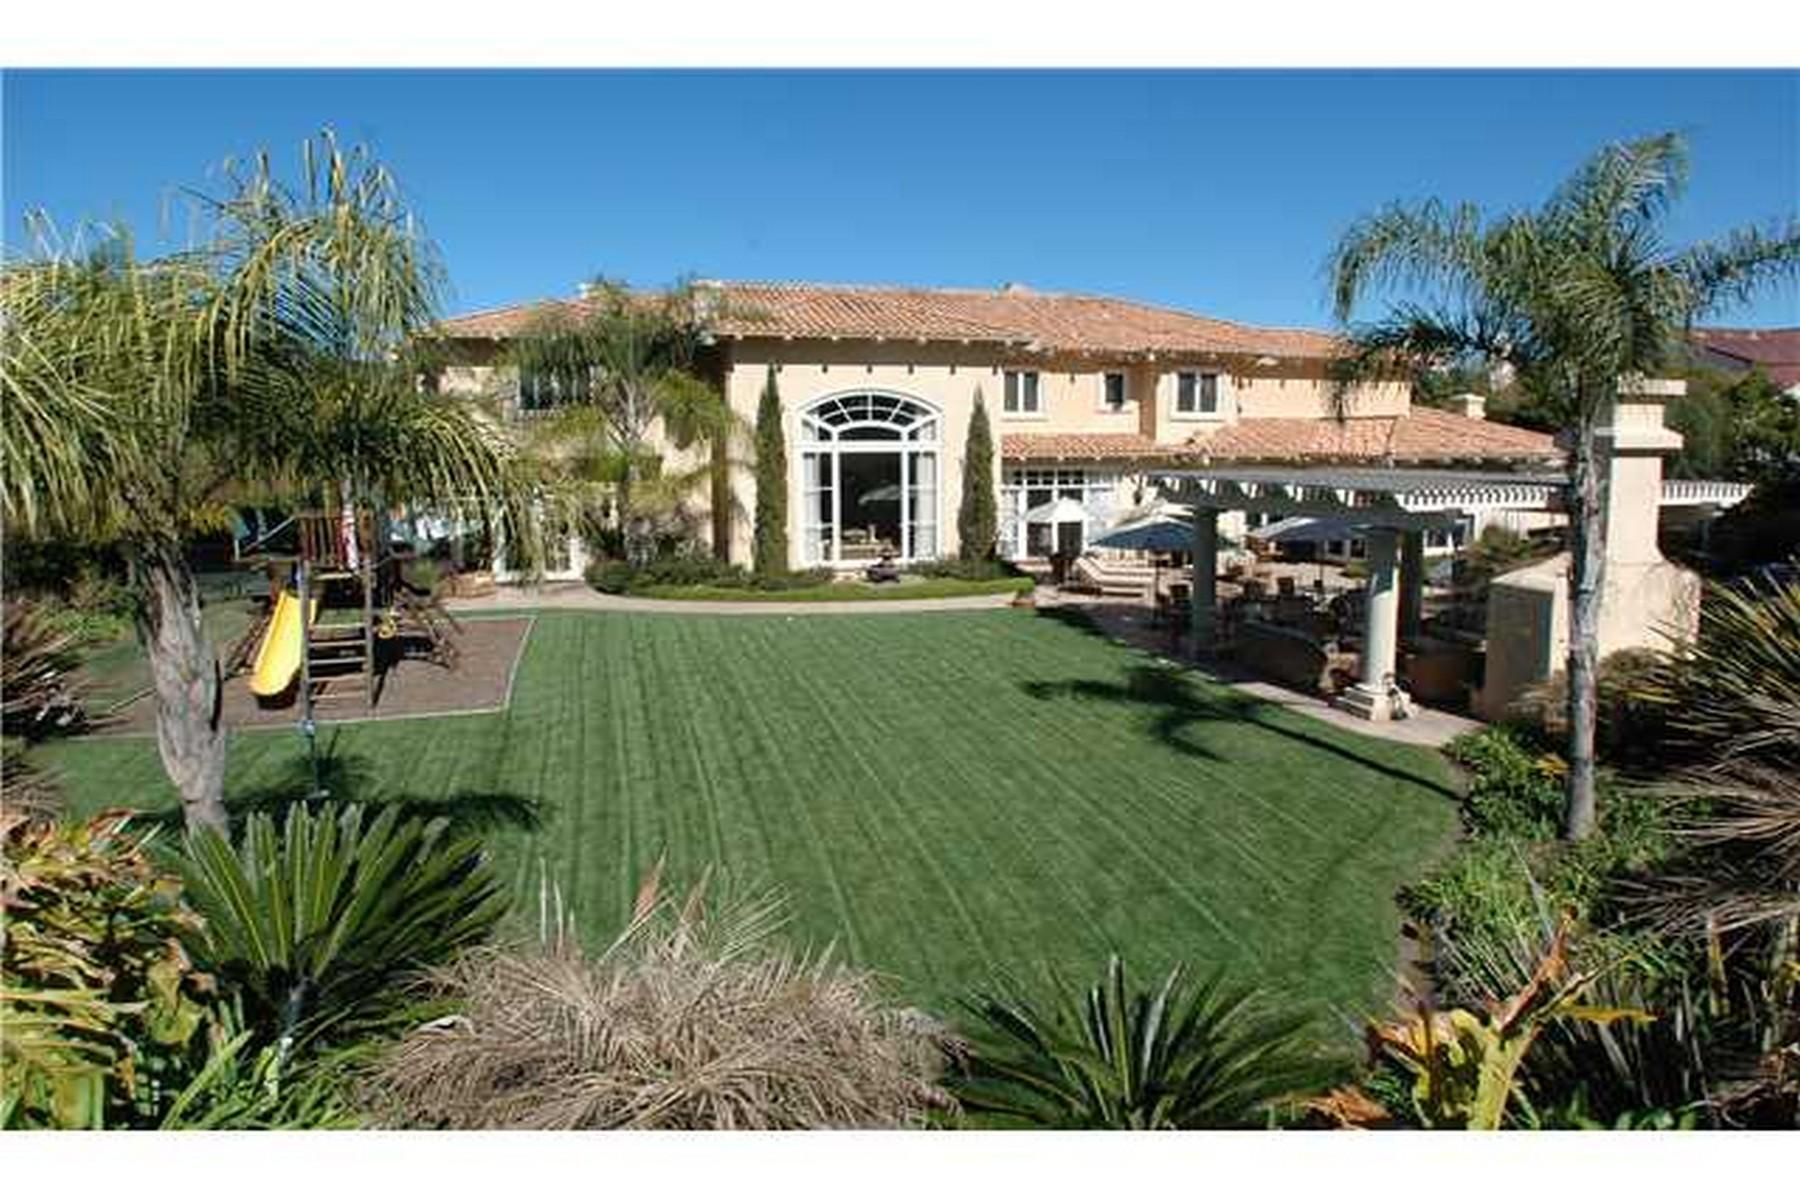 独户住宅 为 出租 在 6369 Clubhouse Drive 6369 Clubhouse Drive - Rental Rancho Santa Fe, 92067 美国